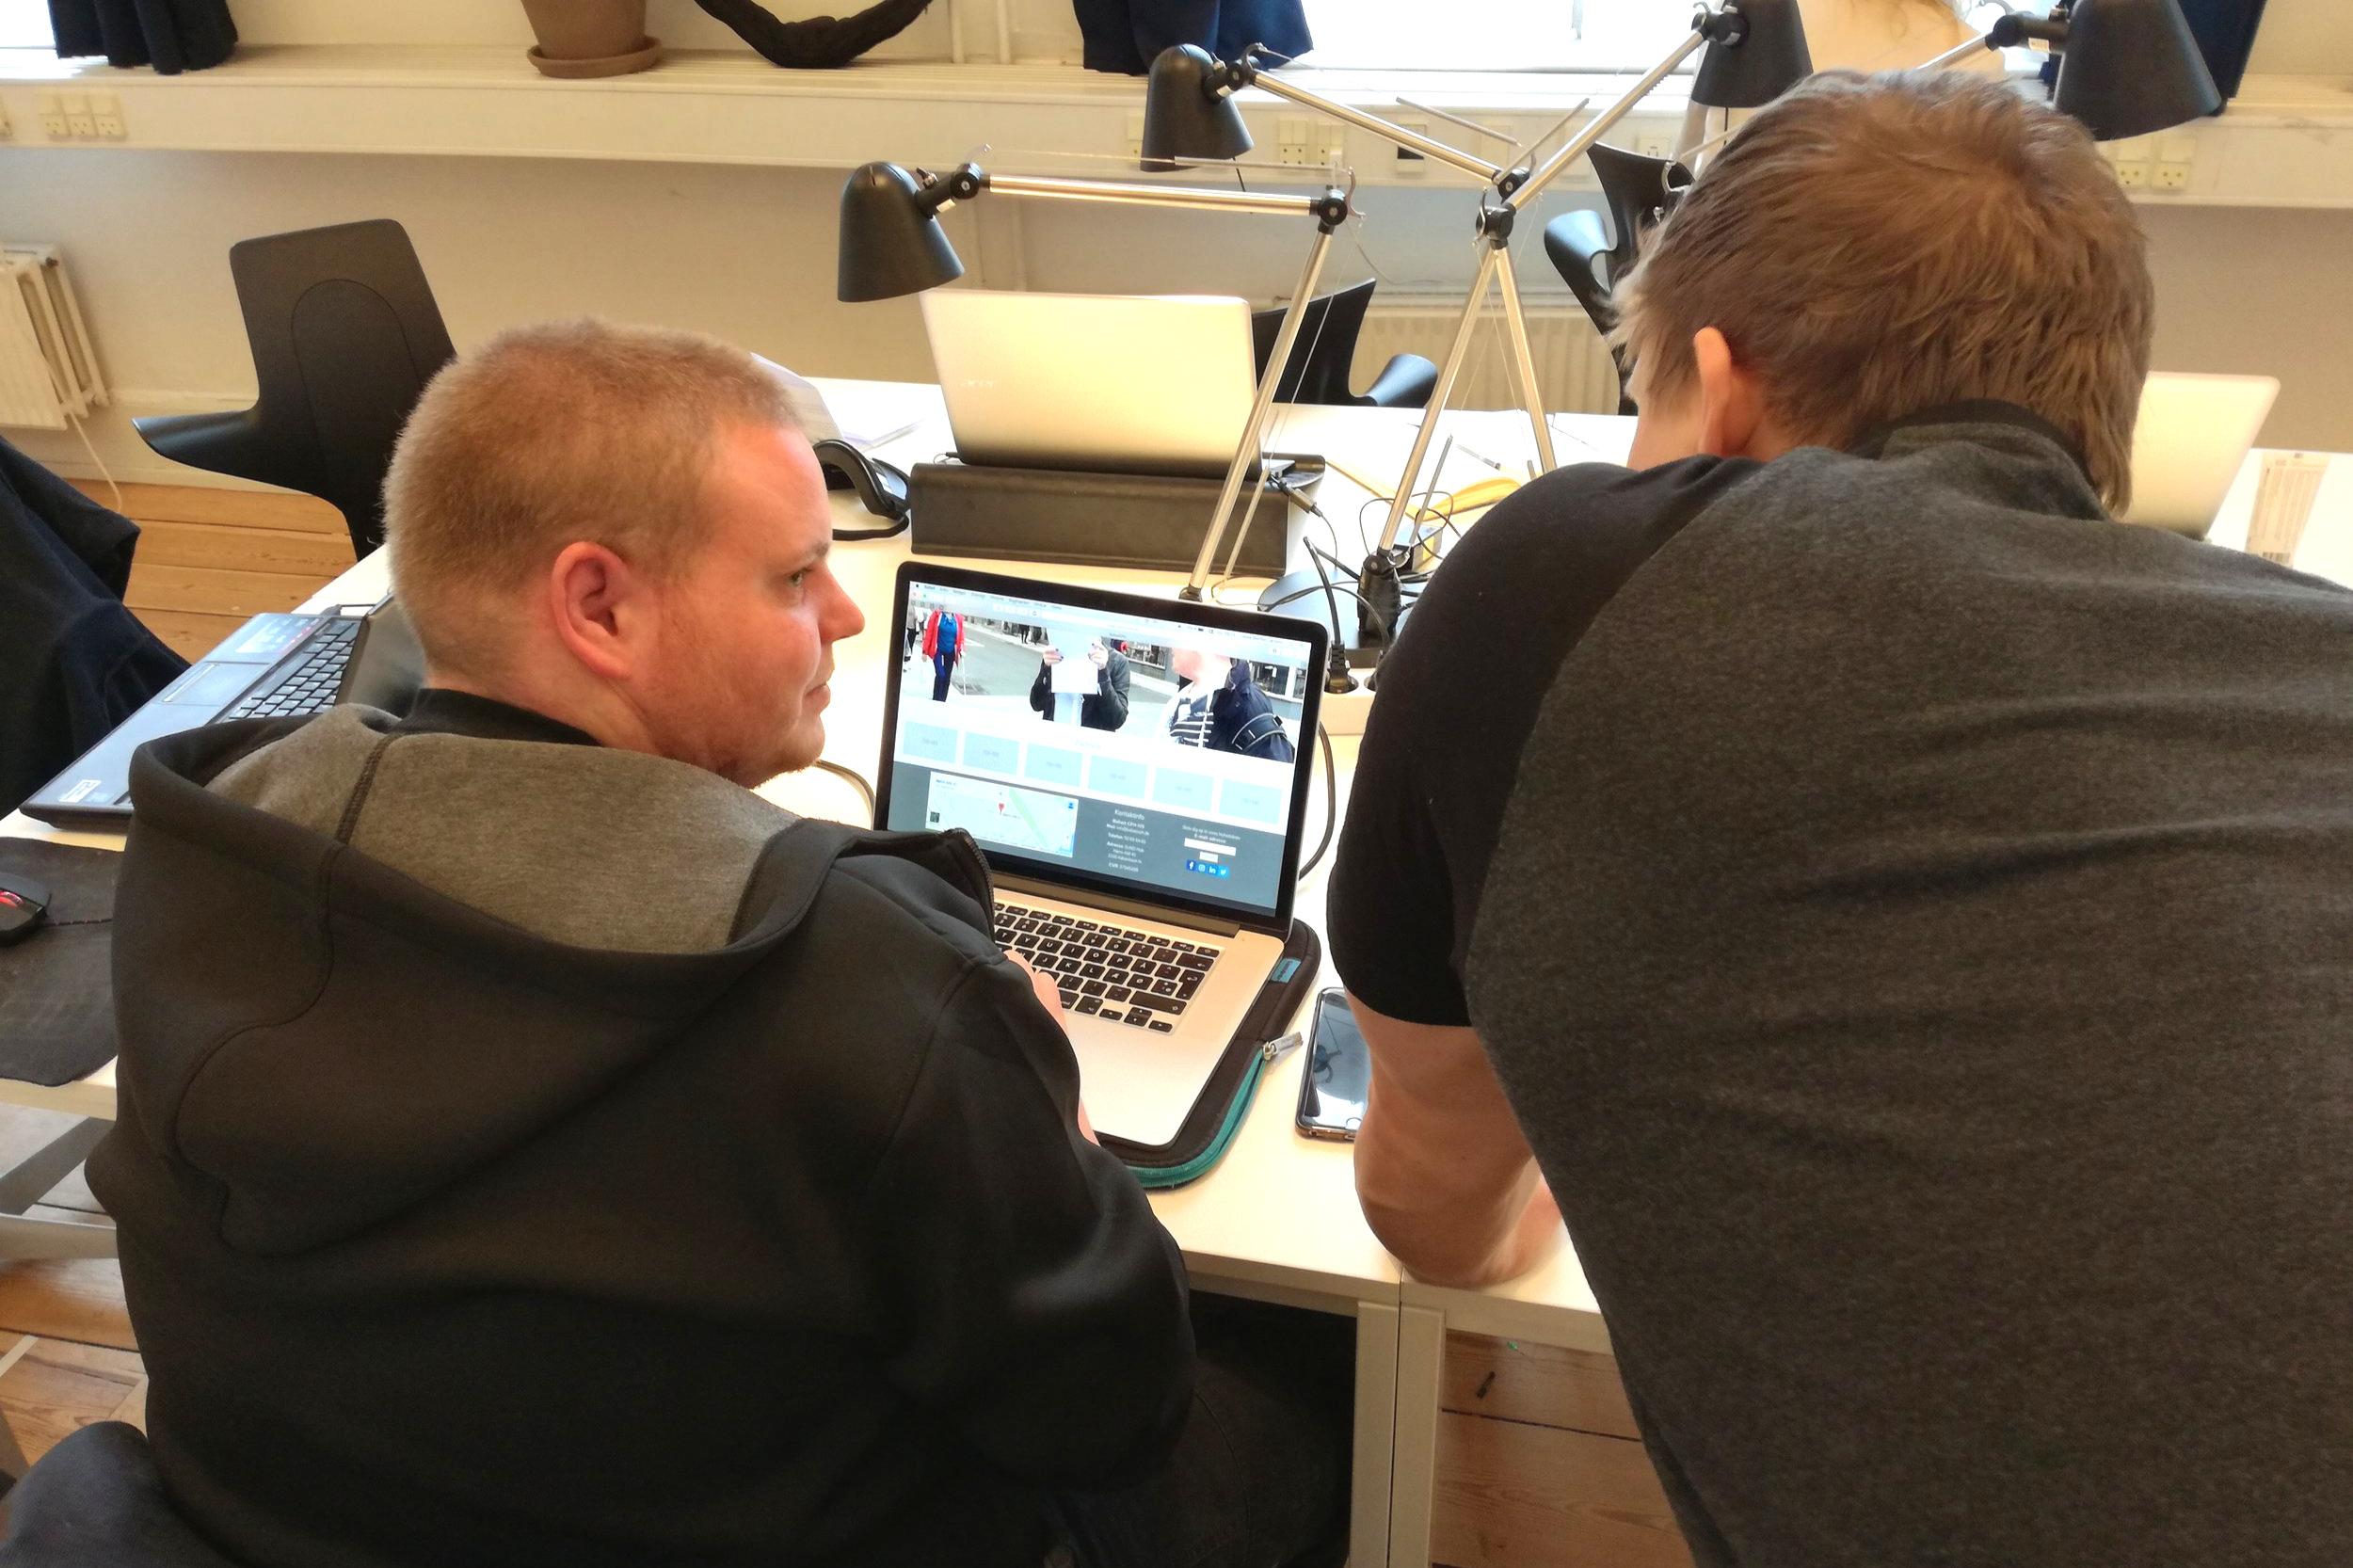 På billedet ses to mænd som tjekker en hjemmeside for tilgængelighed.